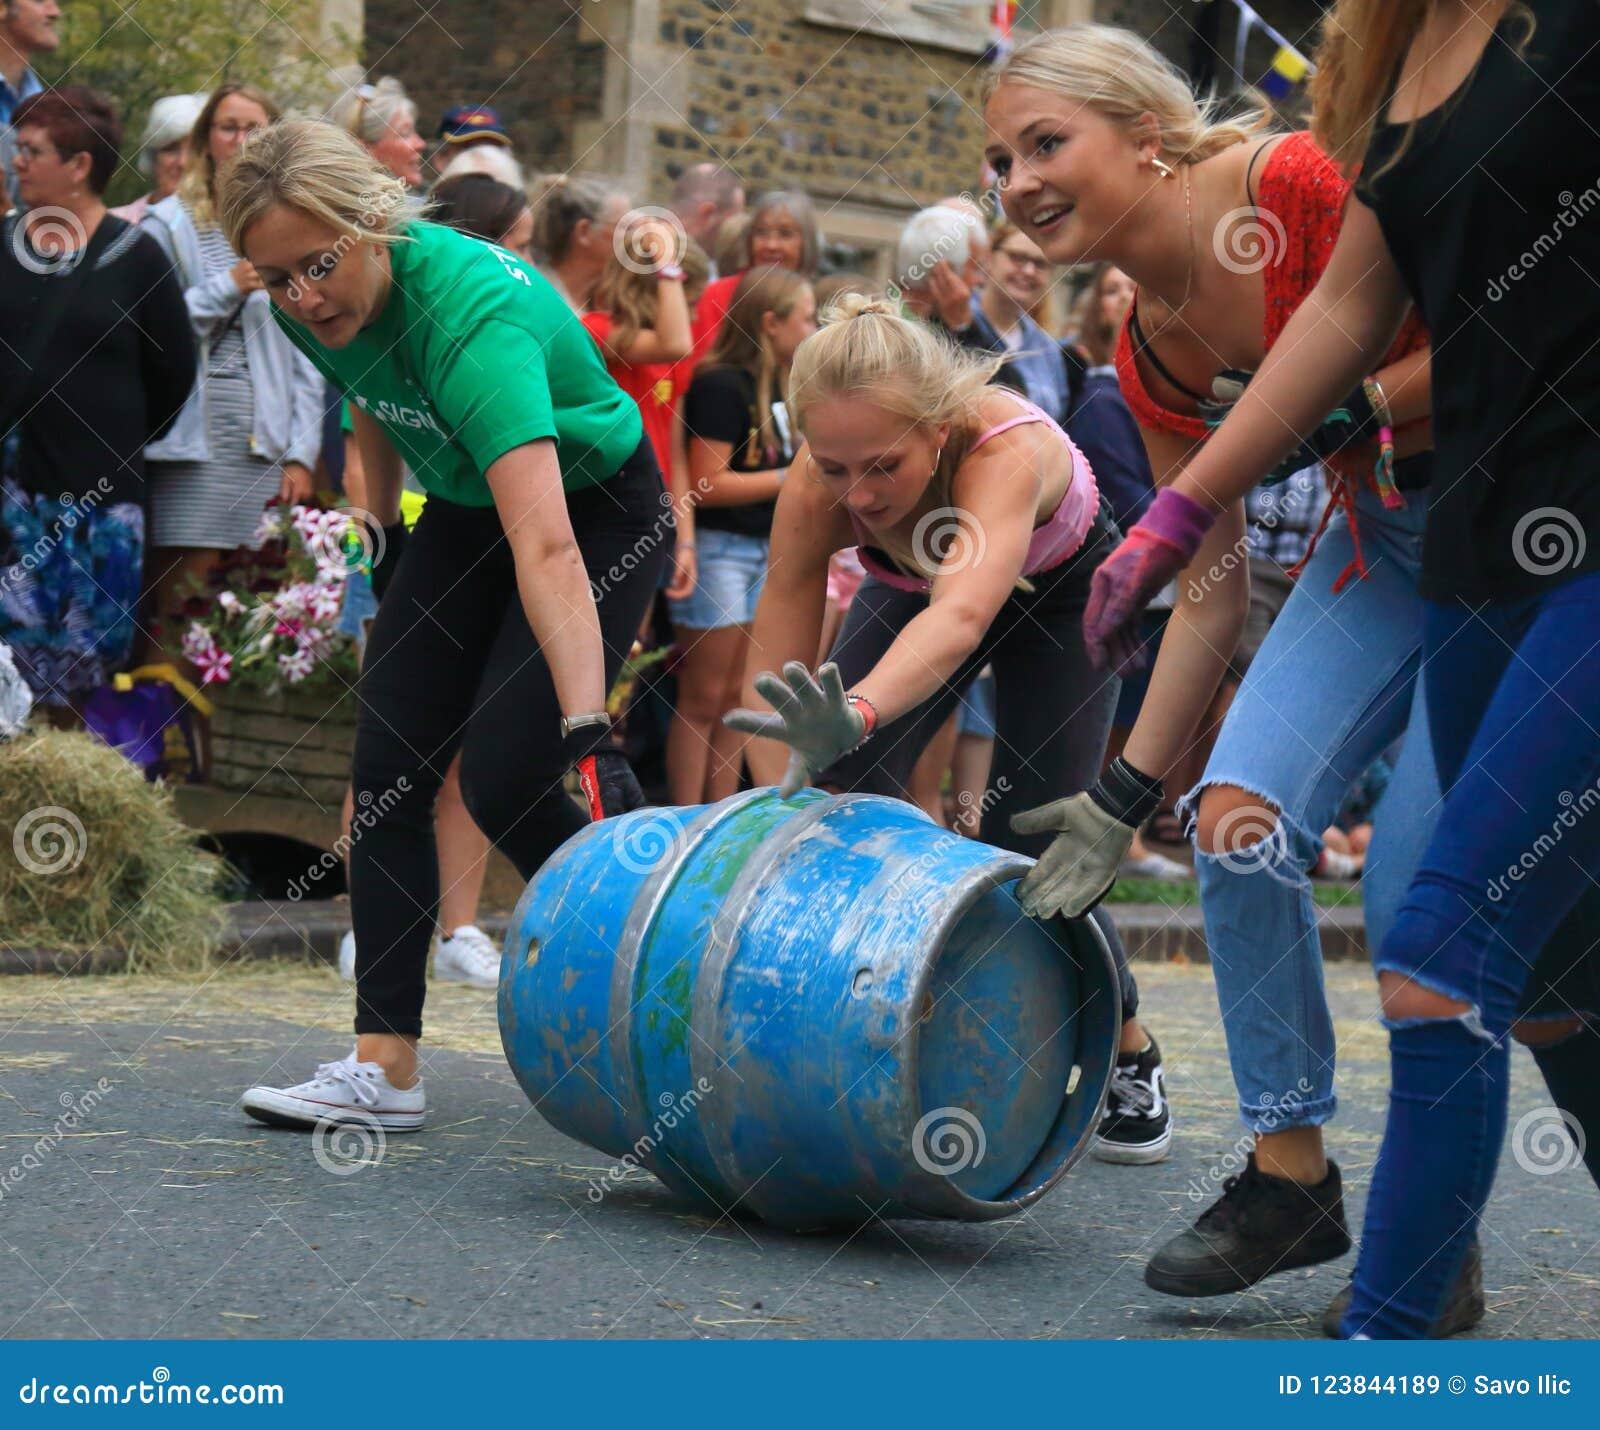 Barrel rolling race